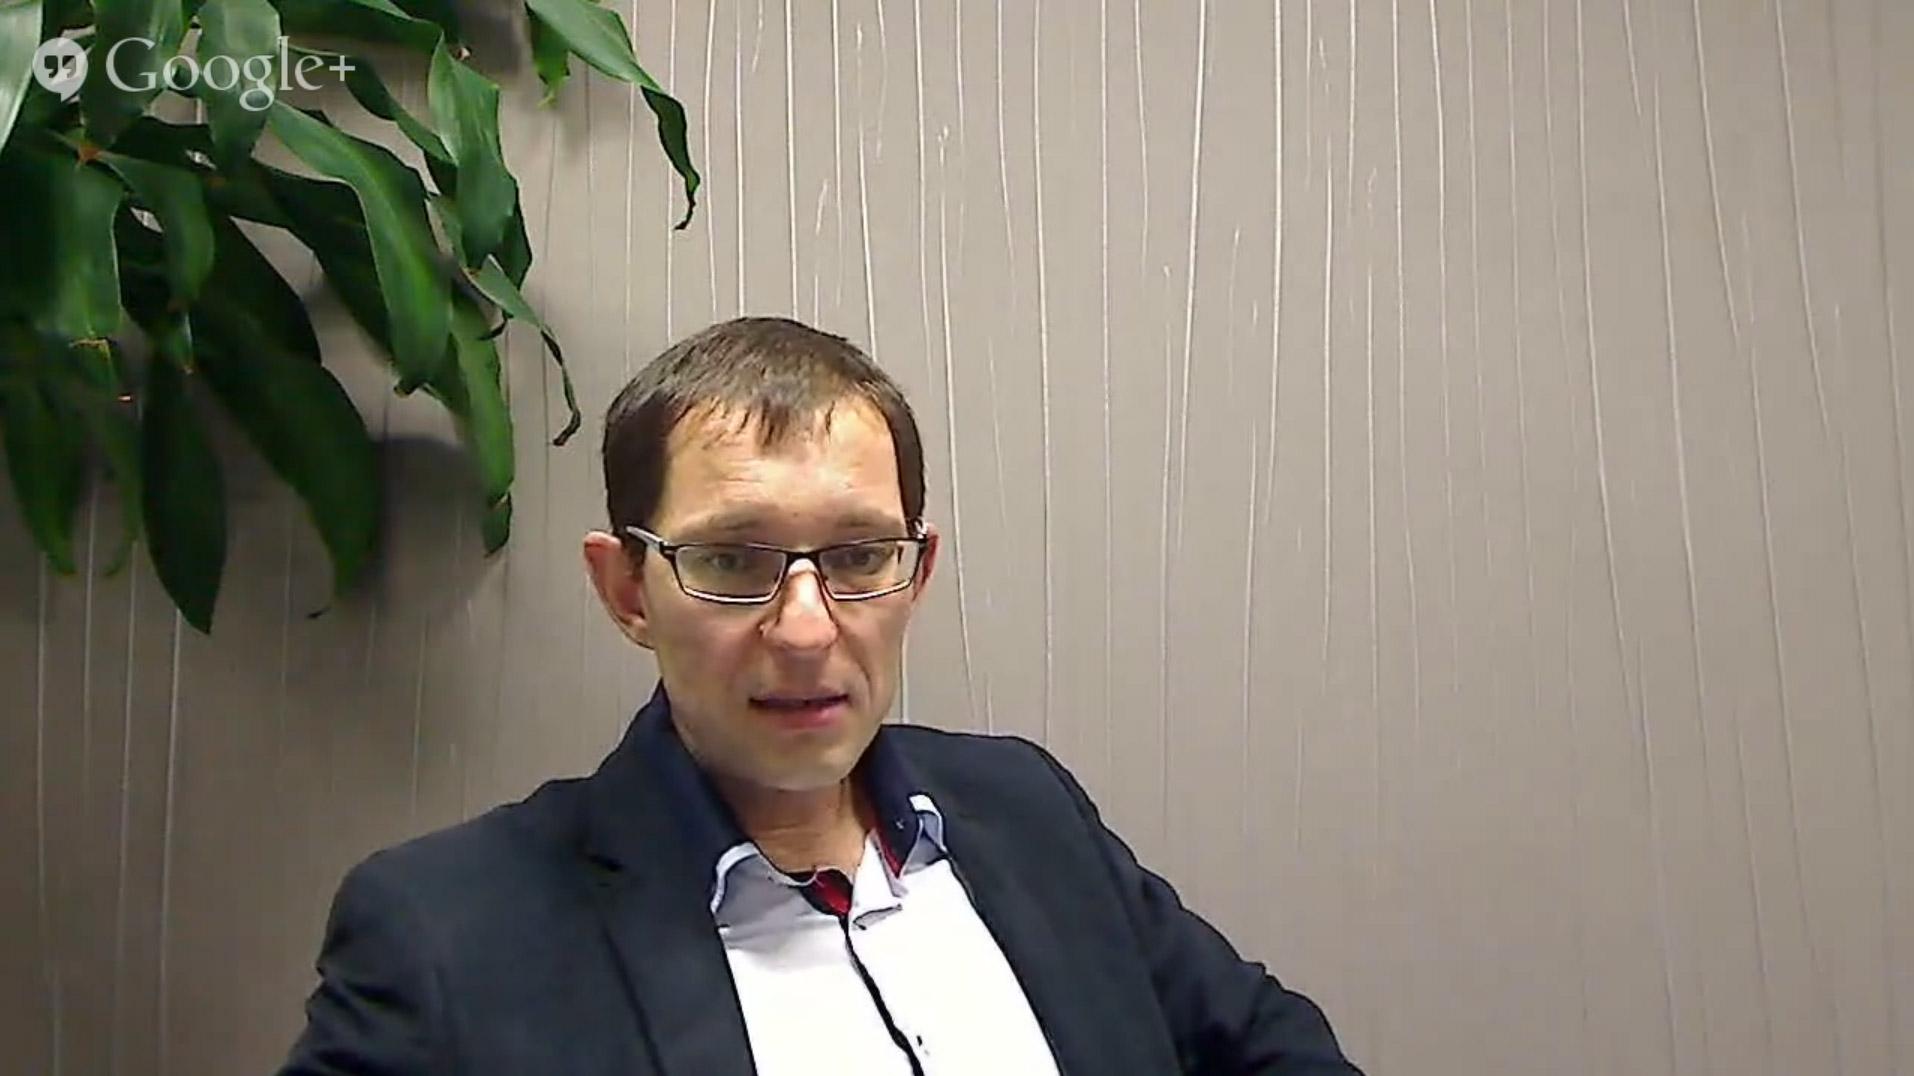 Ptejte se Martina Jelínka - Jak nakupovat správné potraviny?